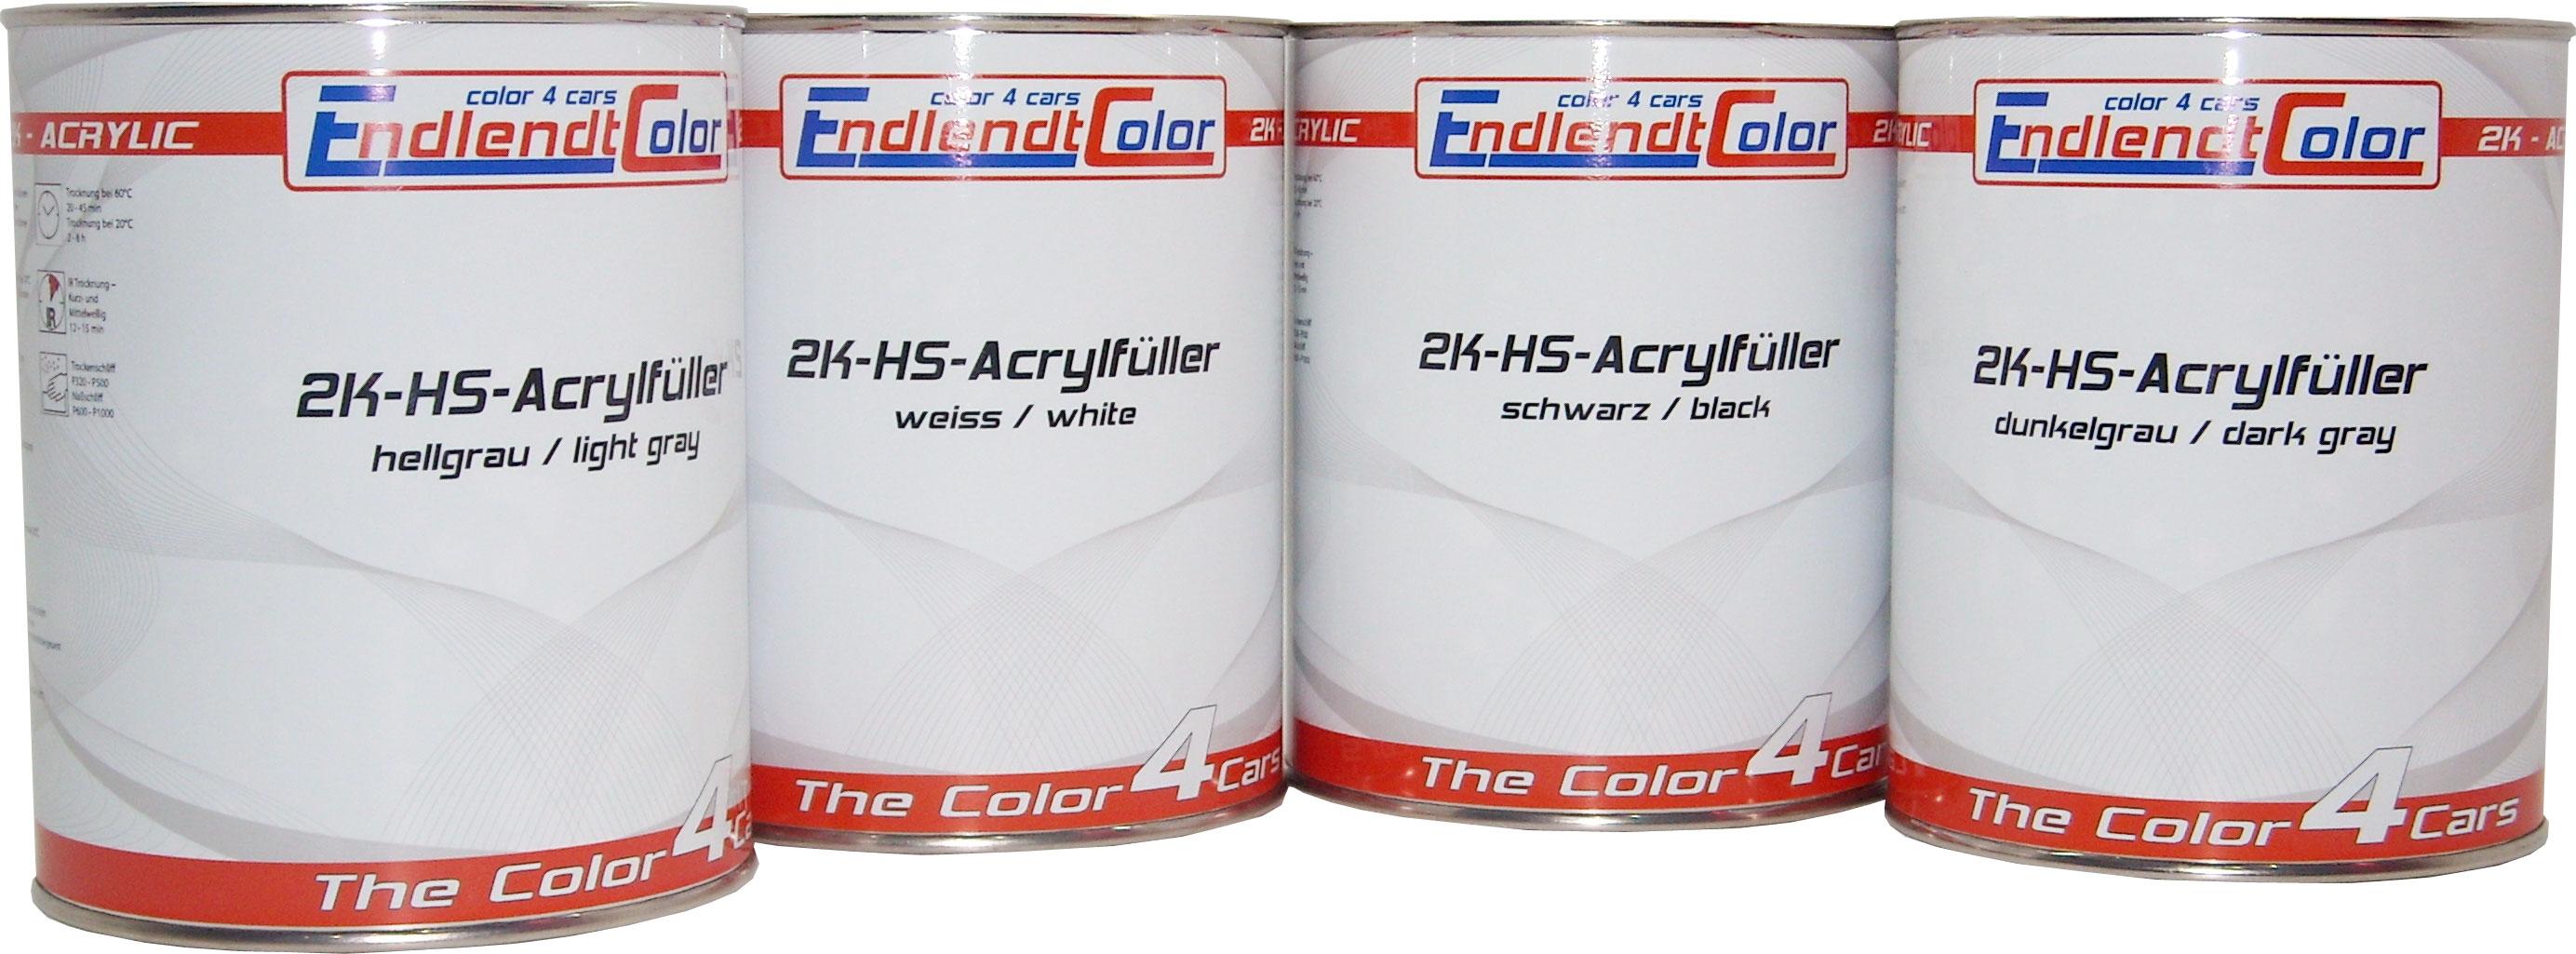 2K-HS-Acrylfüller